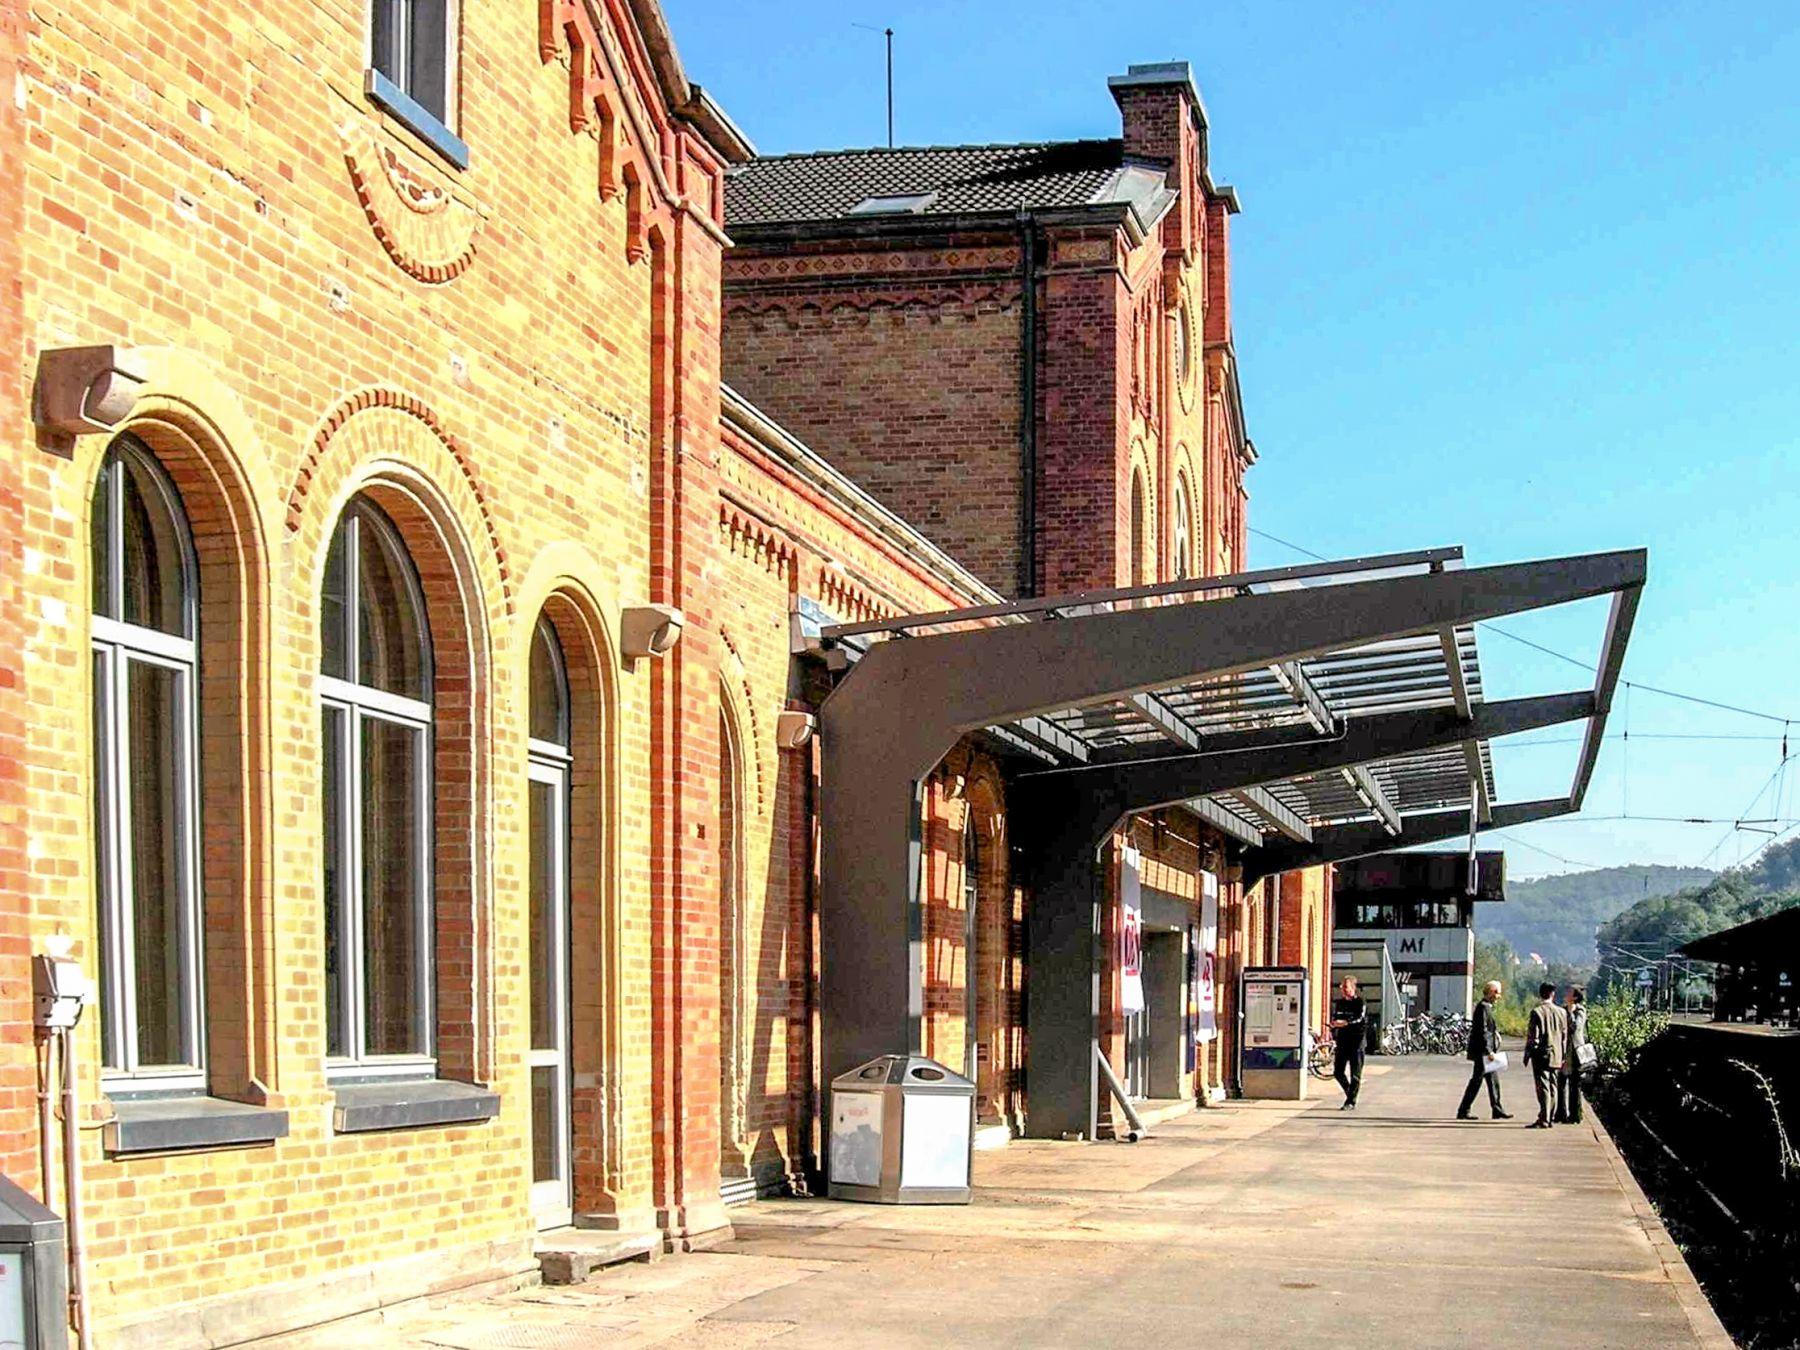 Bahnhofs Empfangsgebäude in Hann. Münden